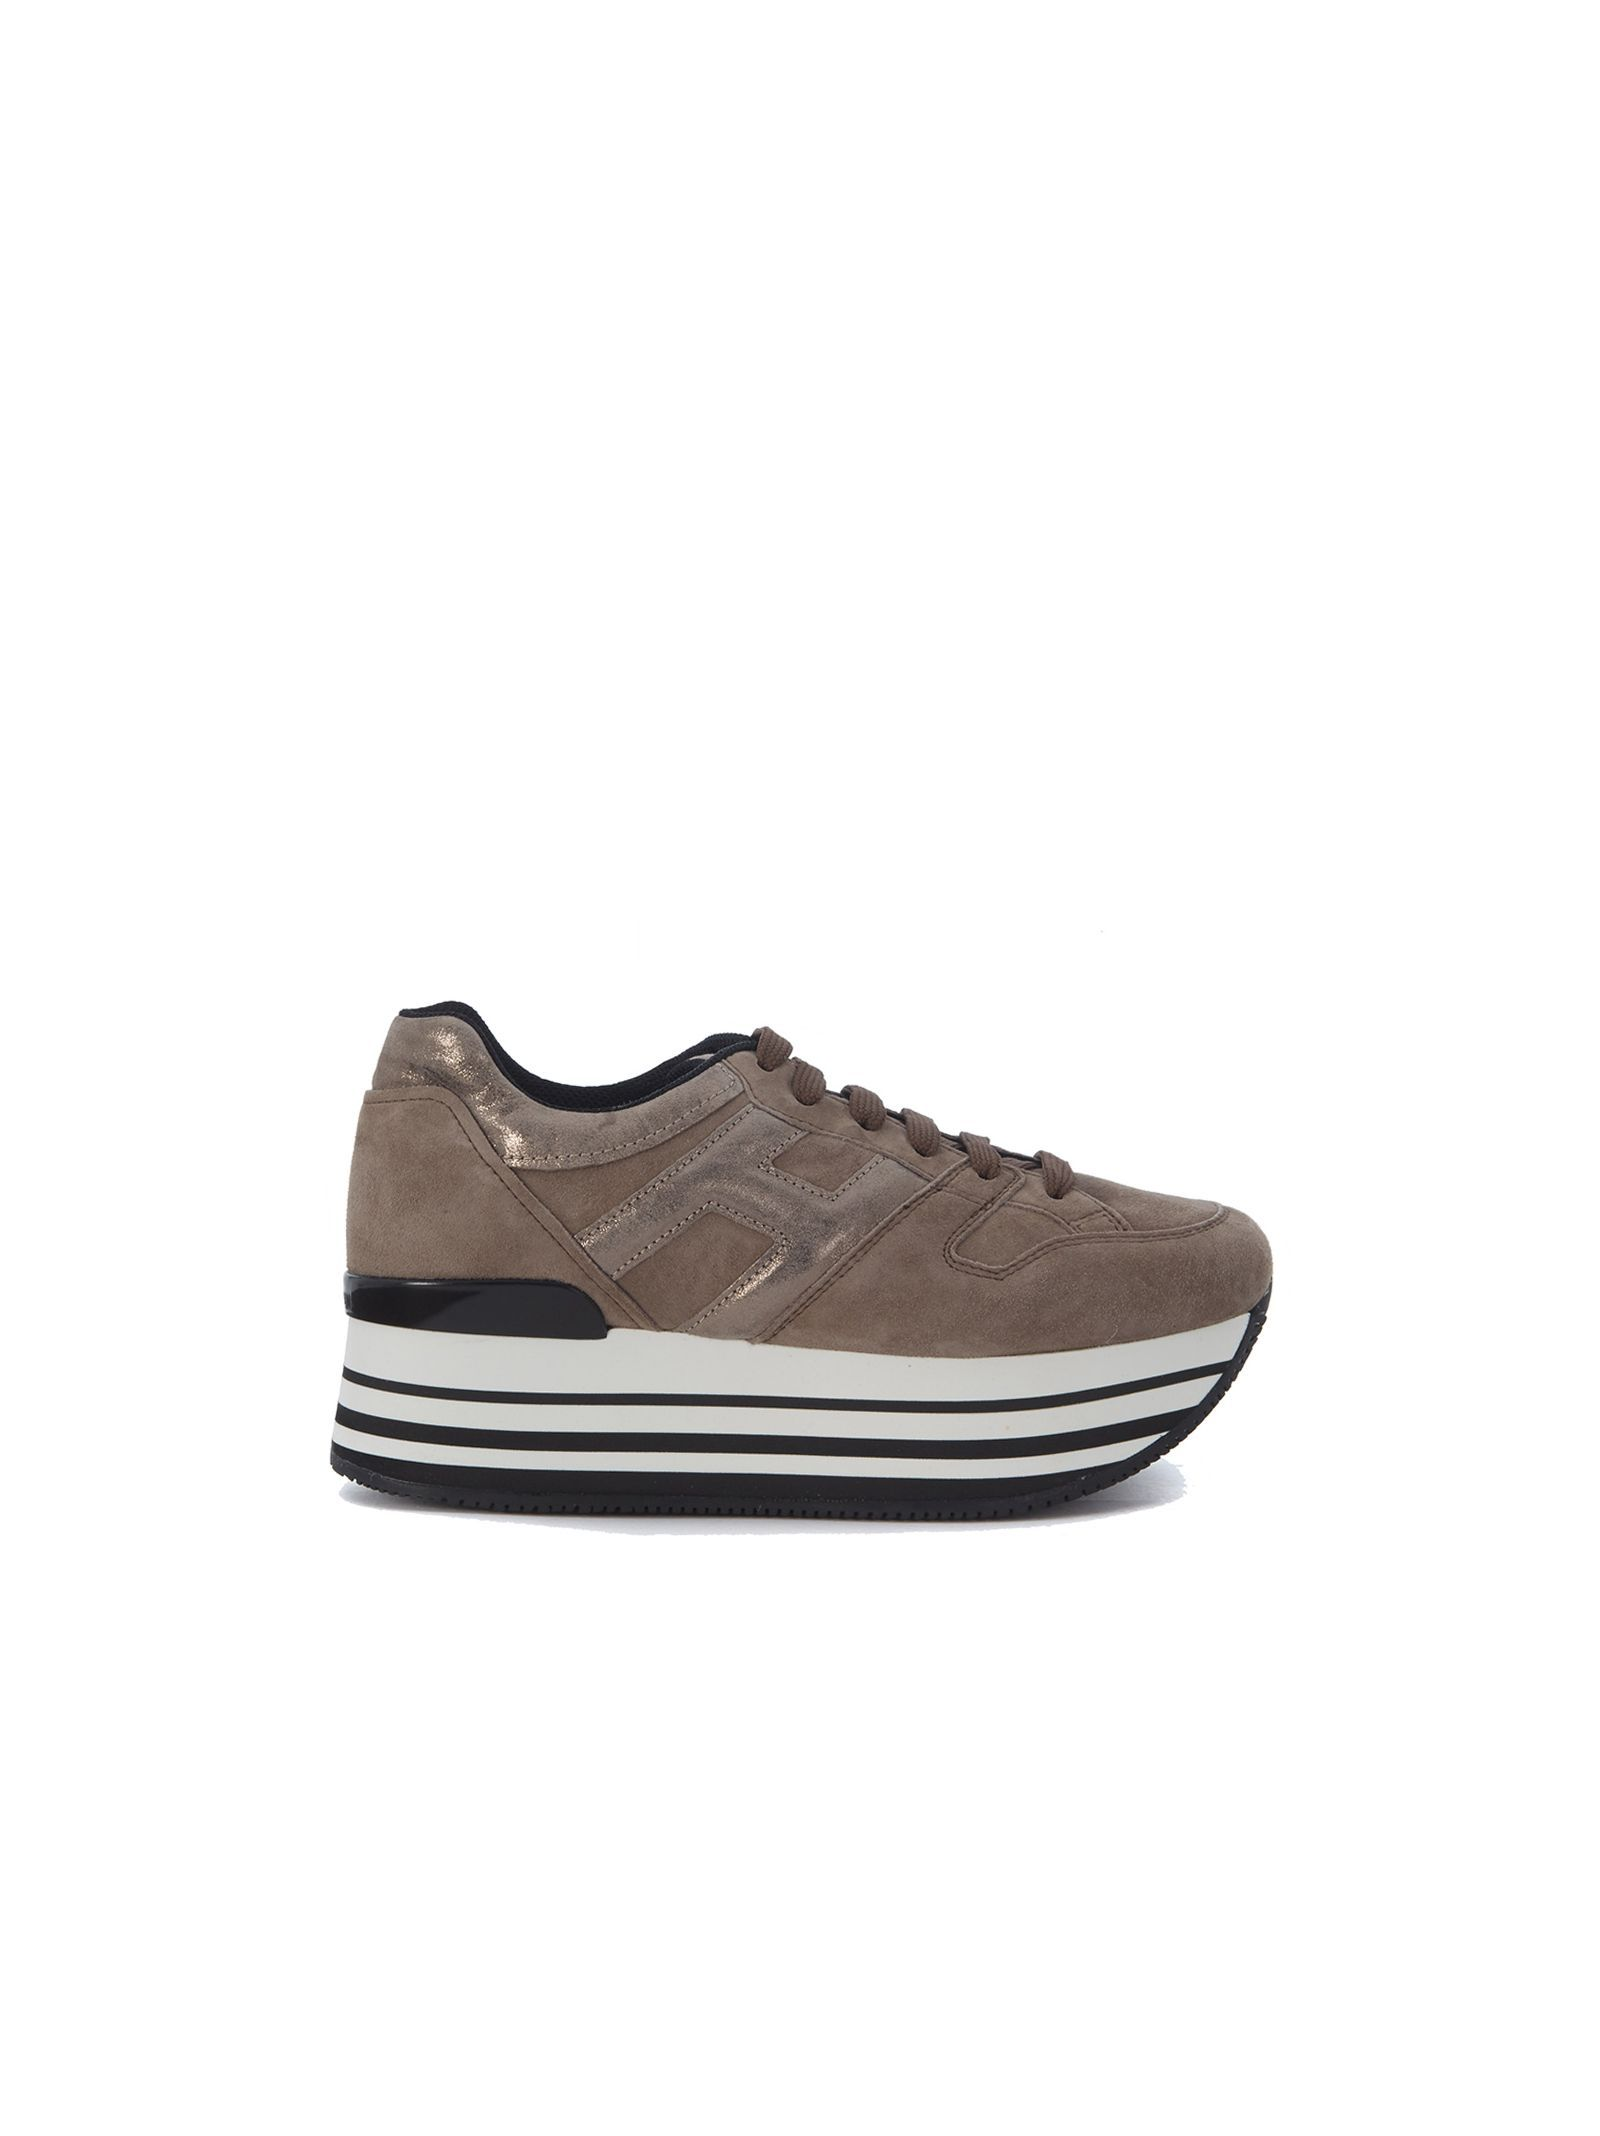 Chaussures Beige H283 Hogan Pour Les Hommes legKx